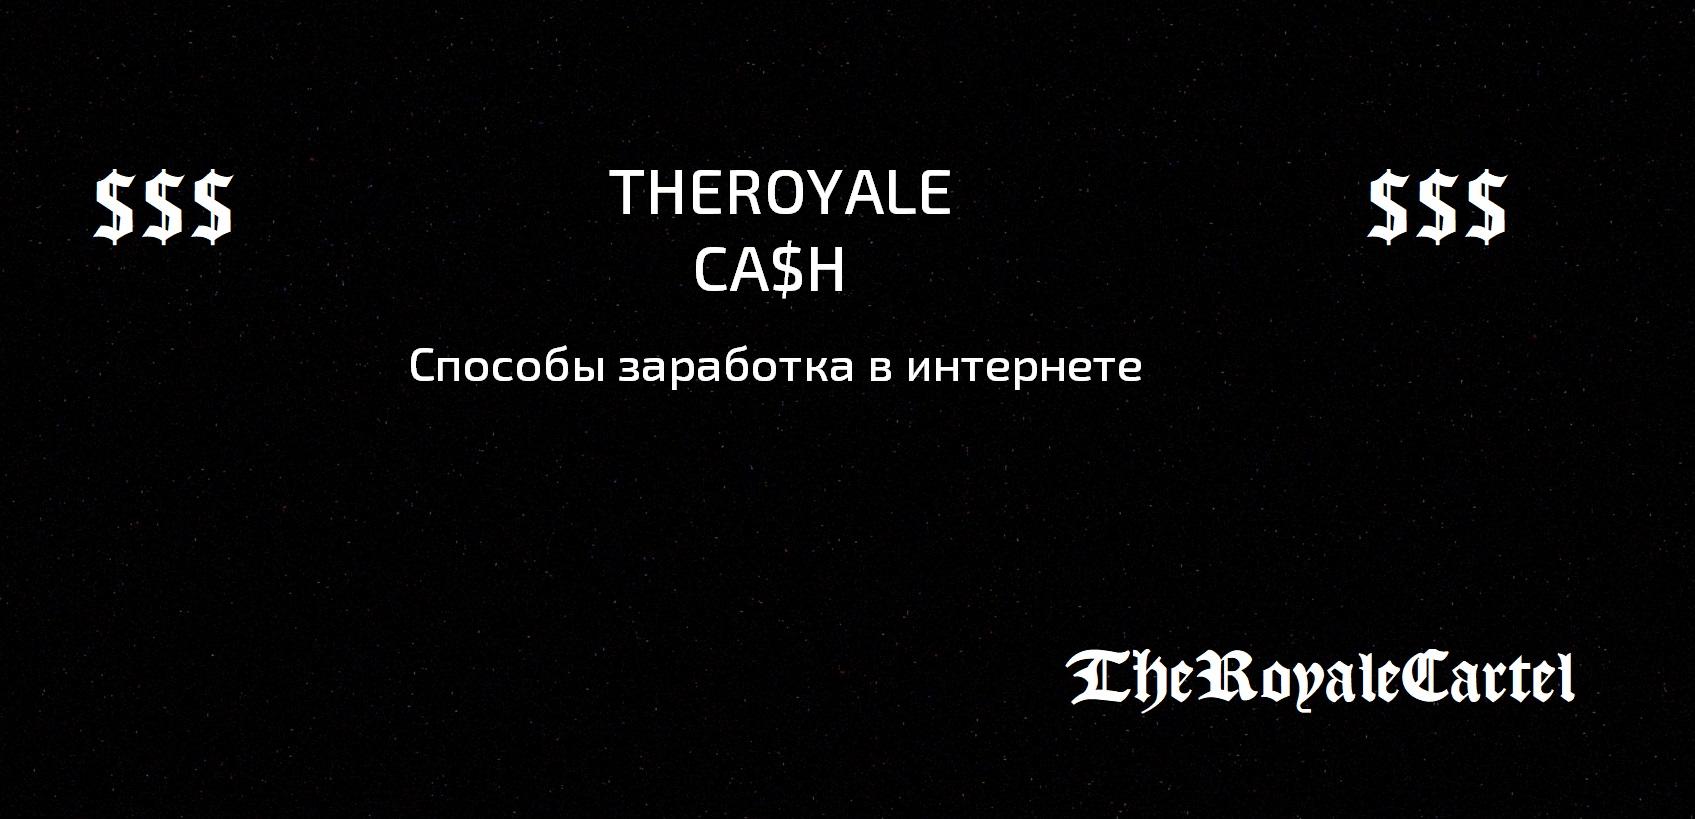 Что такое TheRoyaleCash?